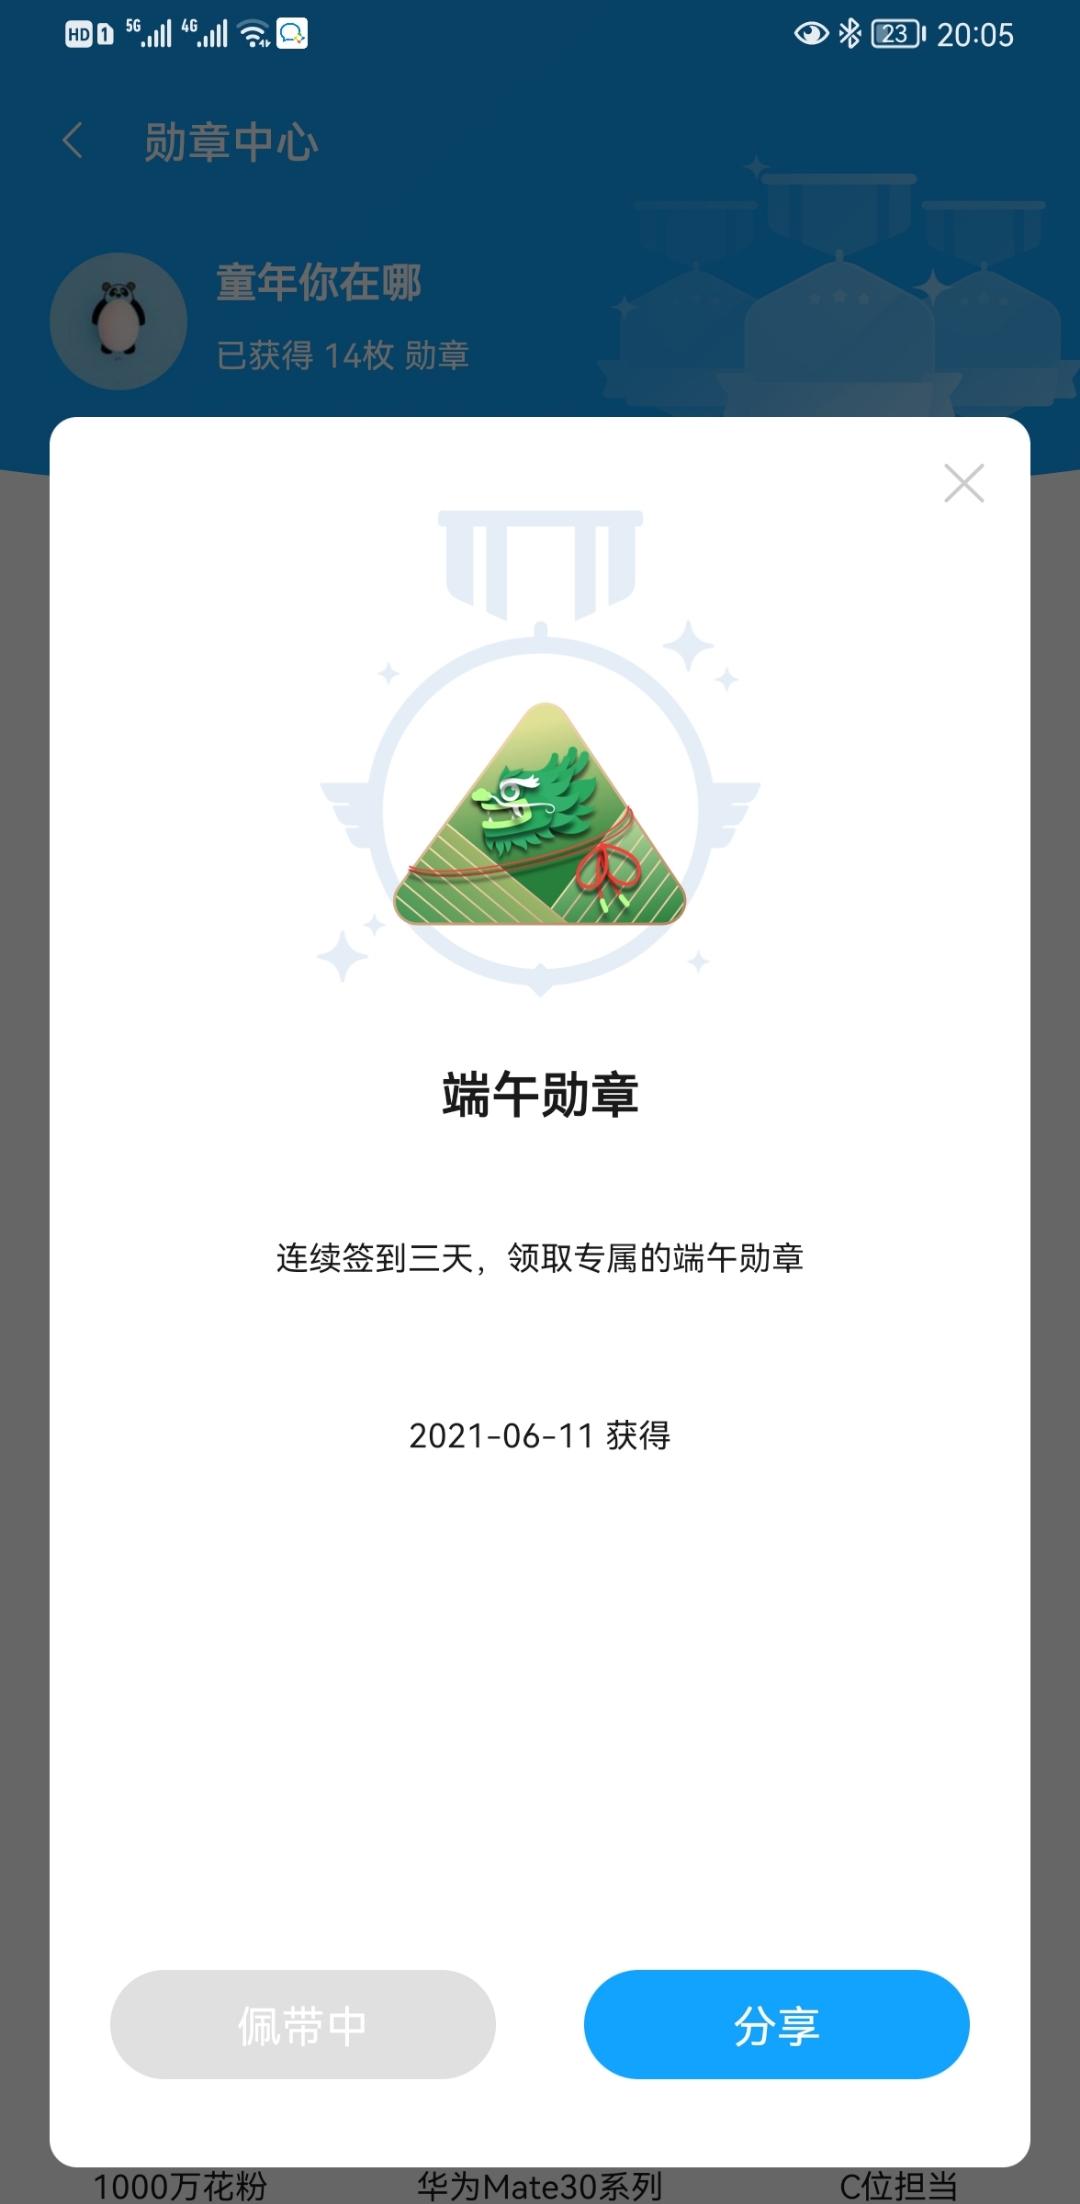 Screenshot_20210611_200557_com.huawei.fans.jpg